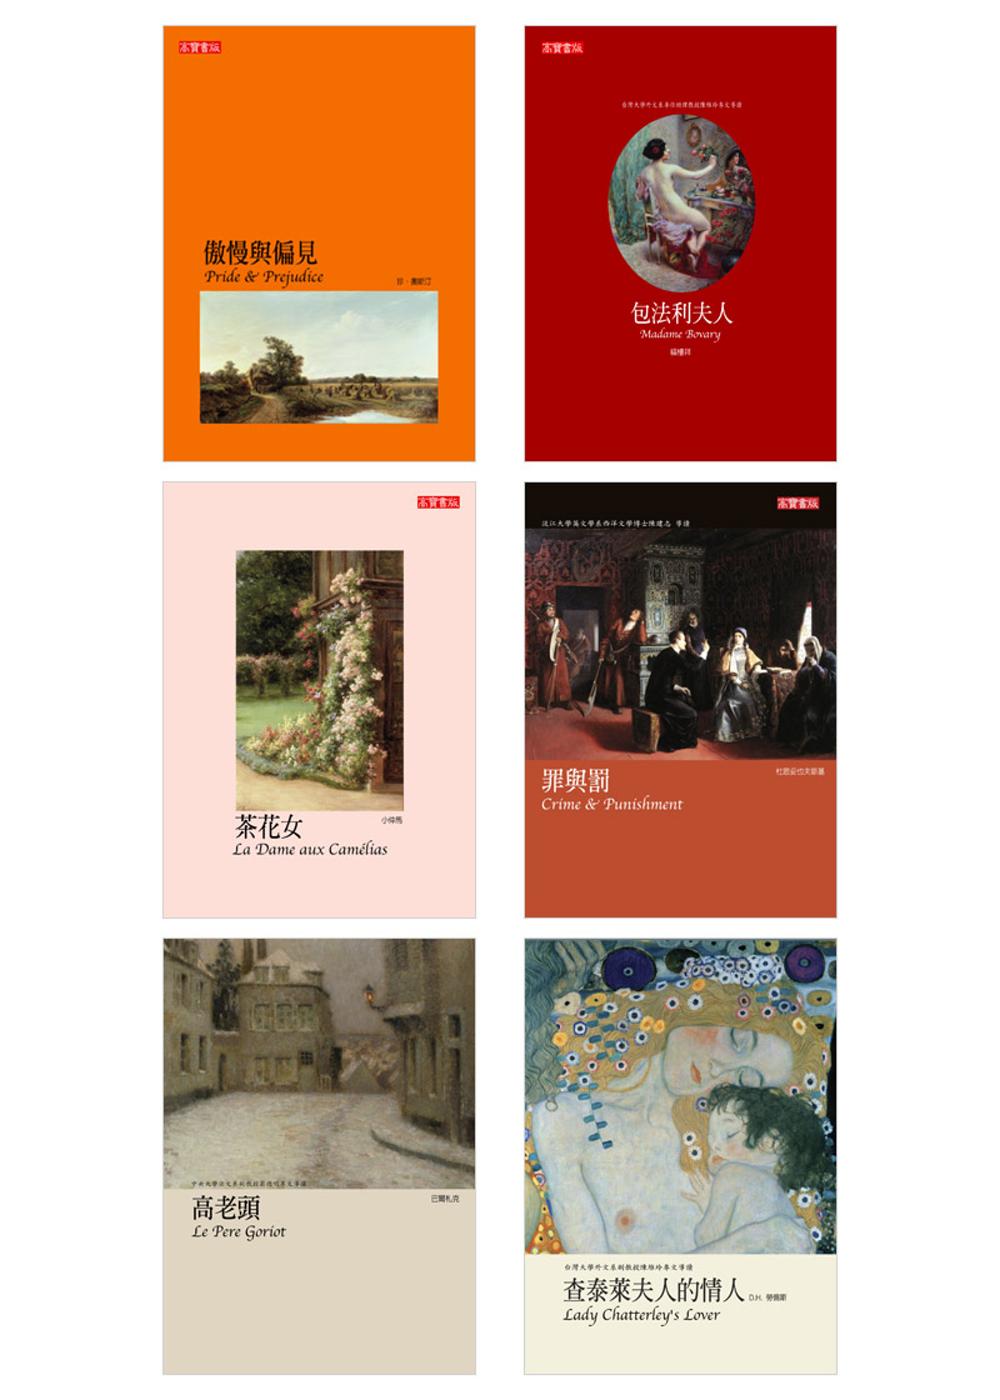 人生必讀!閱讀世界經典套書,全套共六冊:傲慢與偏見+茶花女+高老頭+包法利夫人+罪與罰+查泰萊夫人的情人